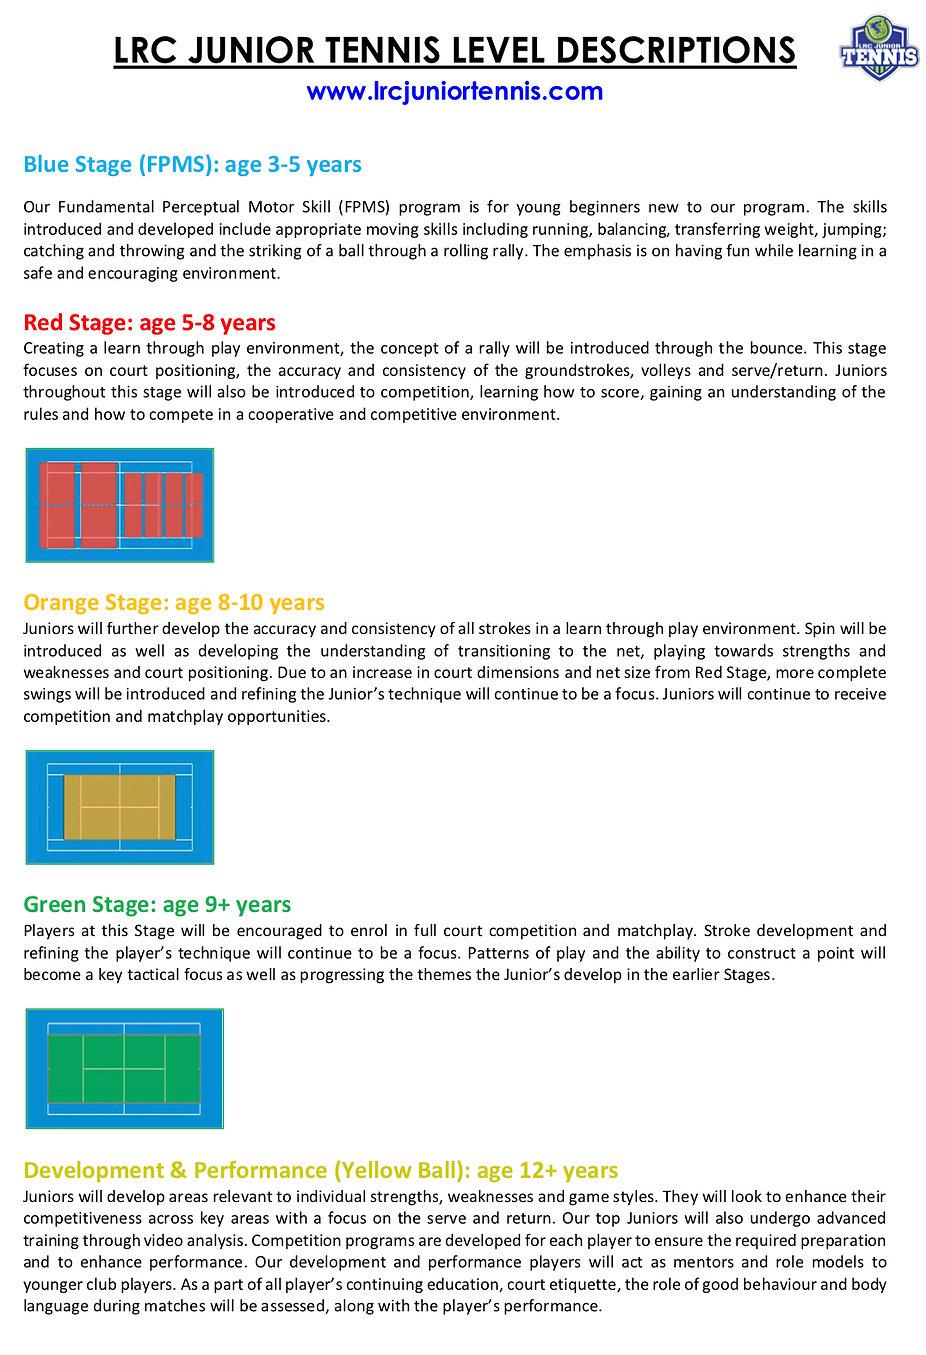 Junior Level Descriptions 2019 v3.jpg